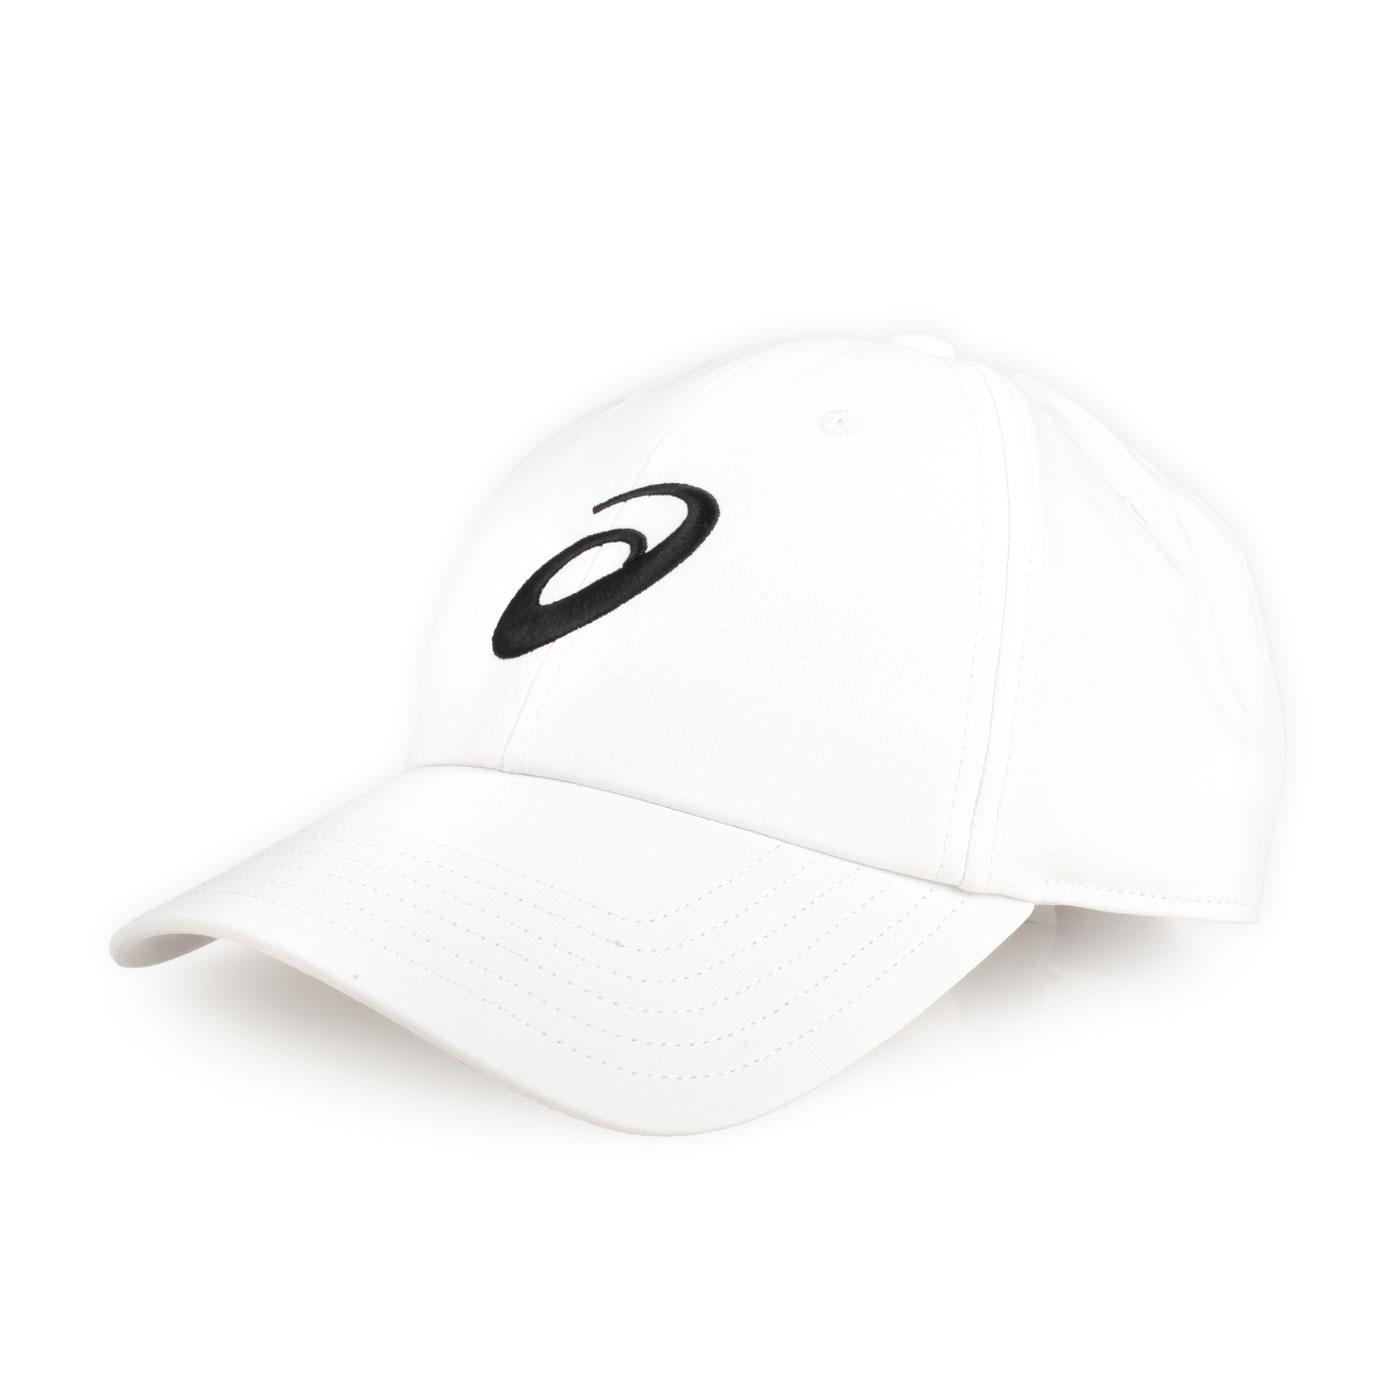 ASICS 慢跑帽 3013A163-100 - 白黑